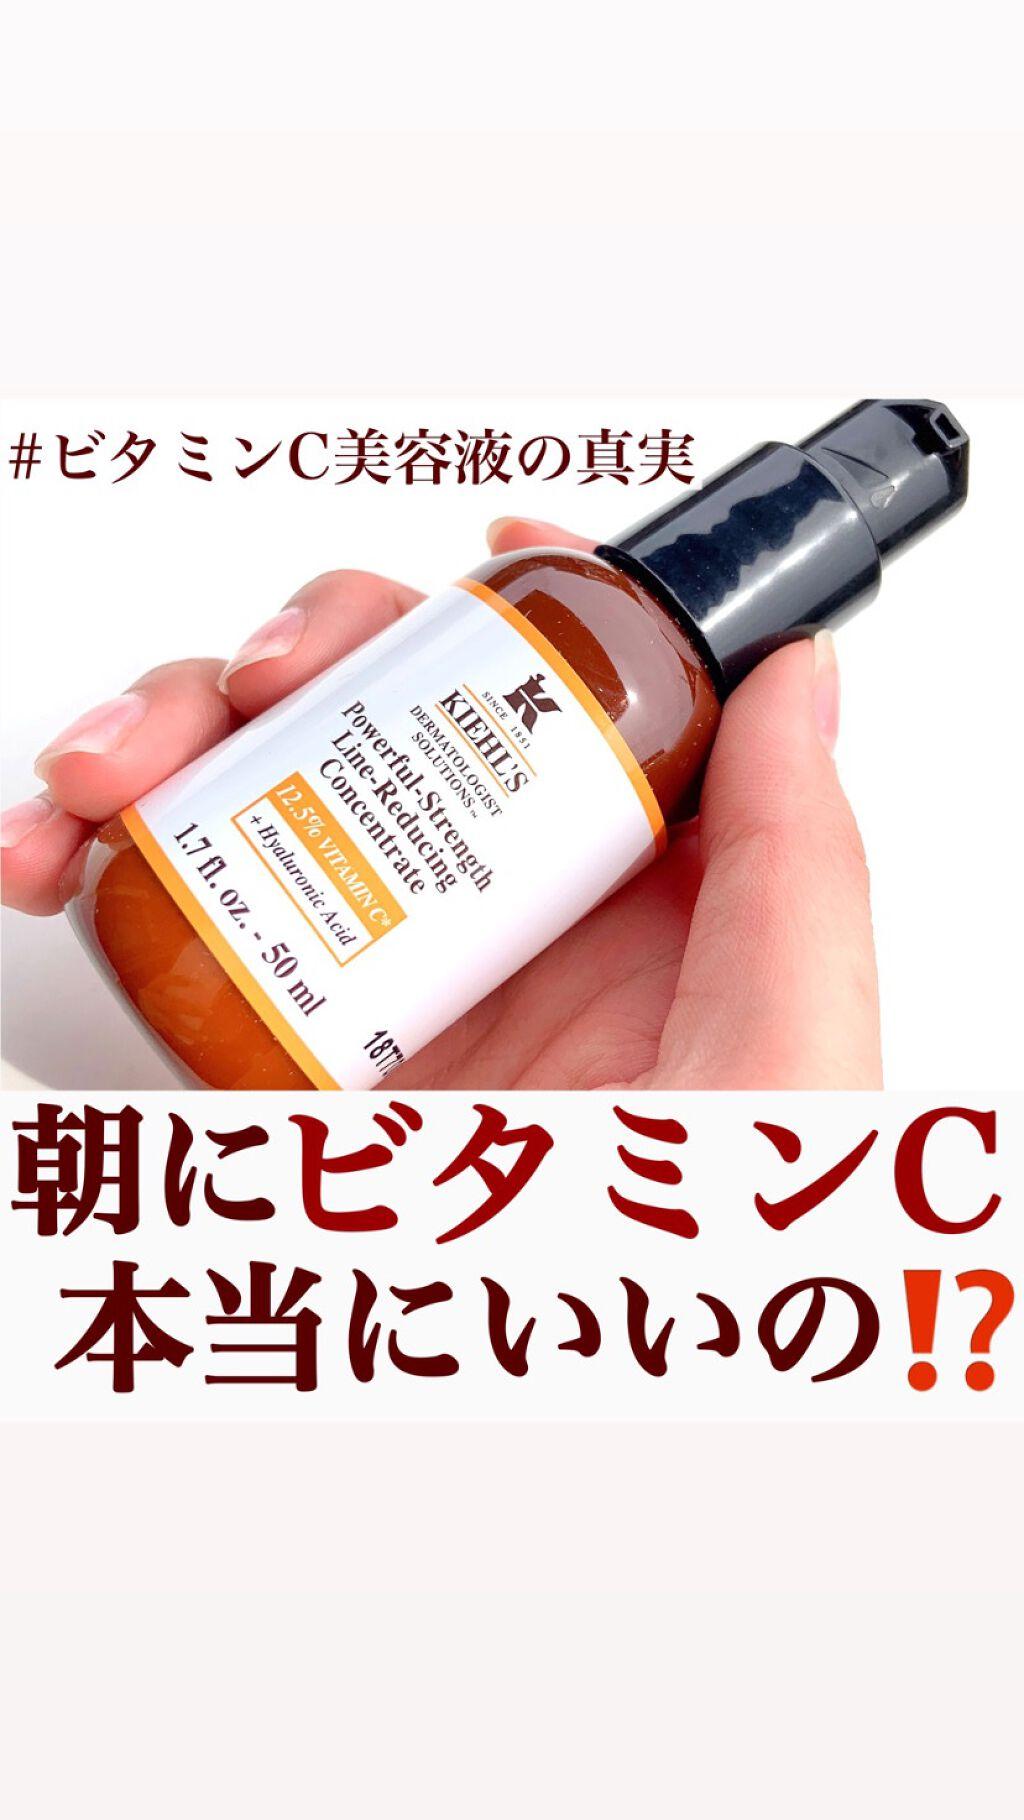 キールズ DS ライン コンセントレート 12.5 C/Kiehl's/美容液を使ったクチコミ(1枚目)